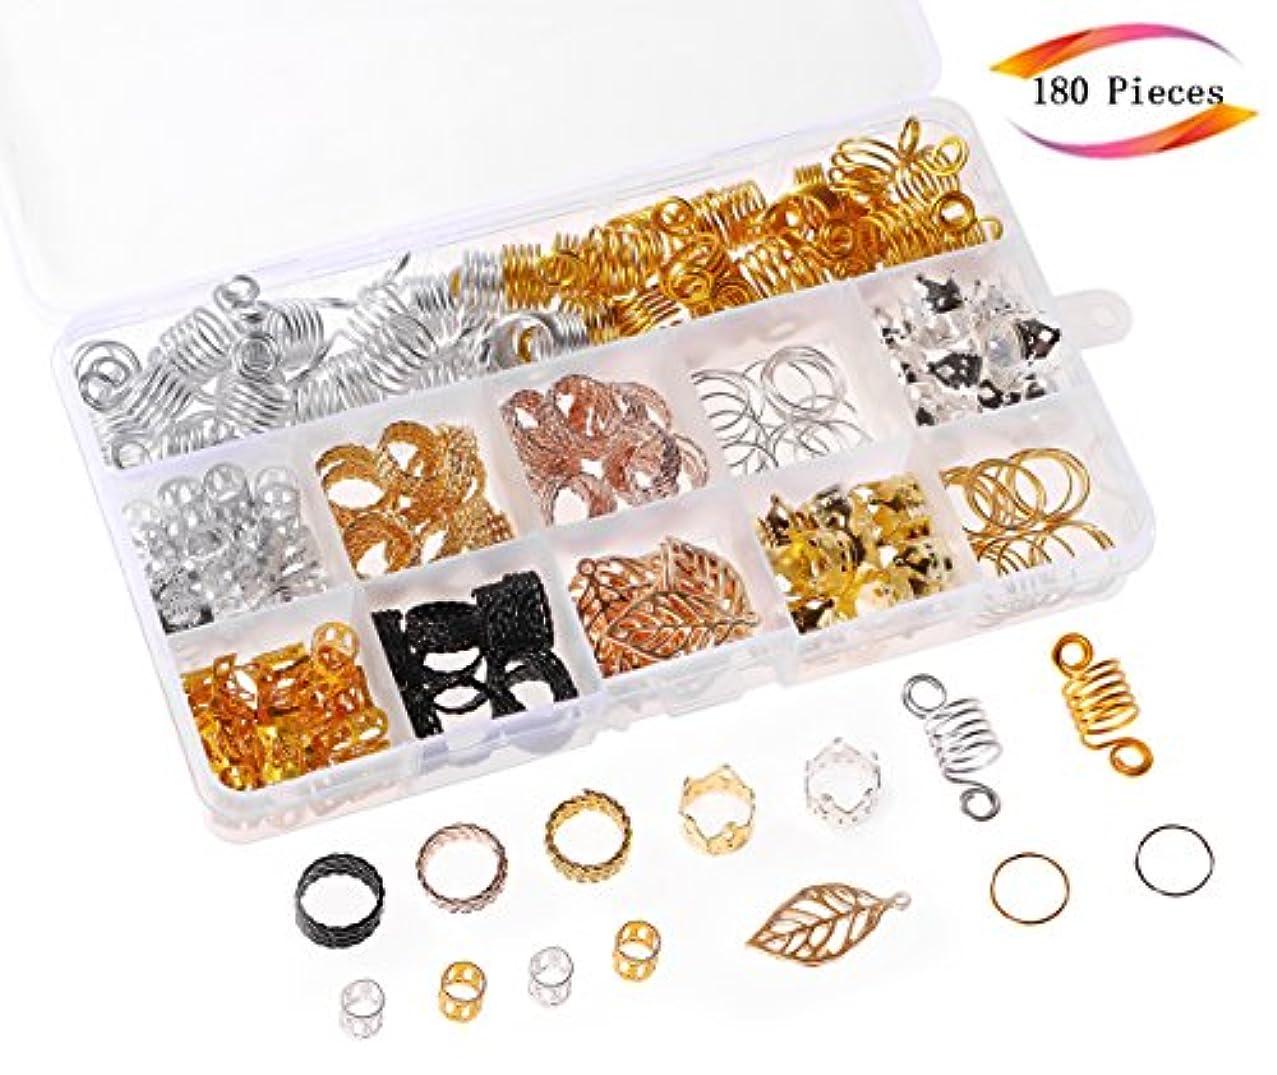 180 Pieces Aluminum Hair Coil Dreadlocks Hair Braid Rings Dreadlocks Metal Hair Cuffs Hair Braiding Beads for Hair Accessory, Valentines